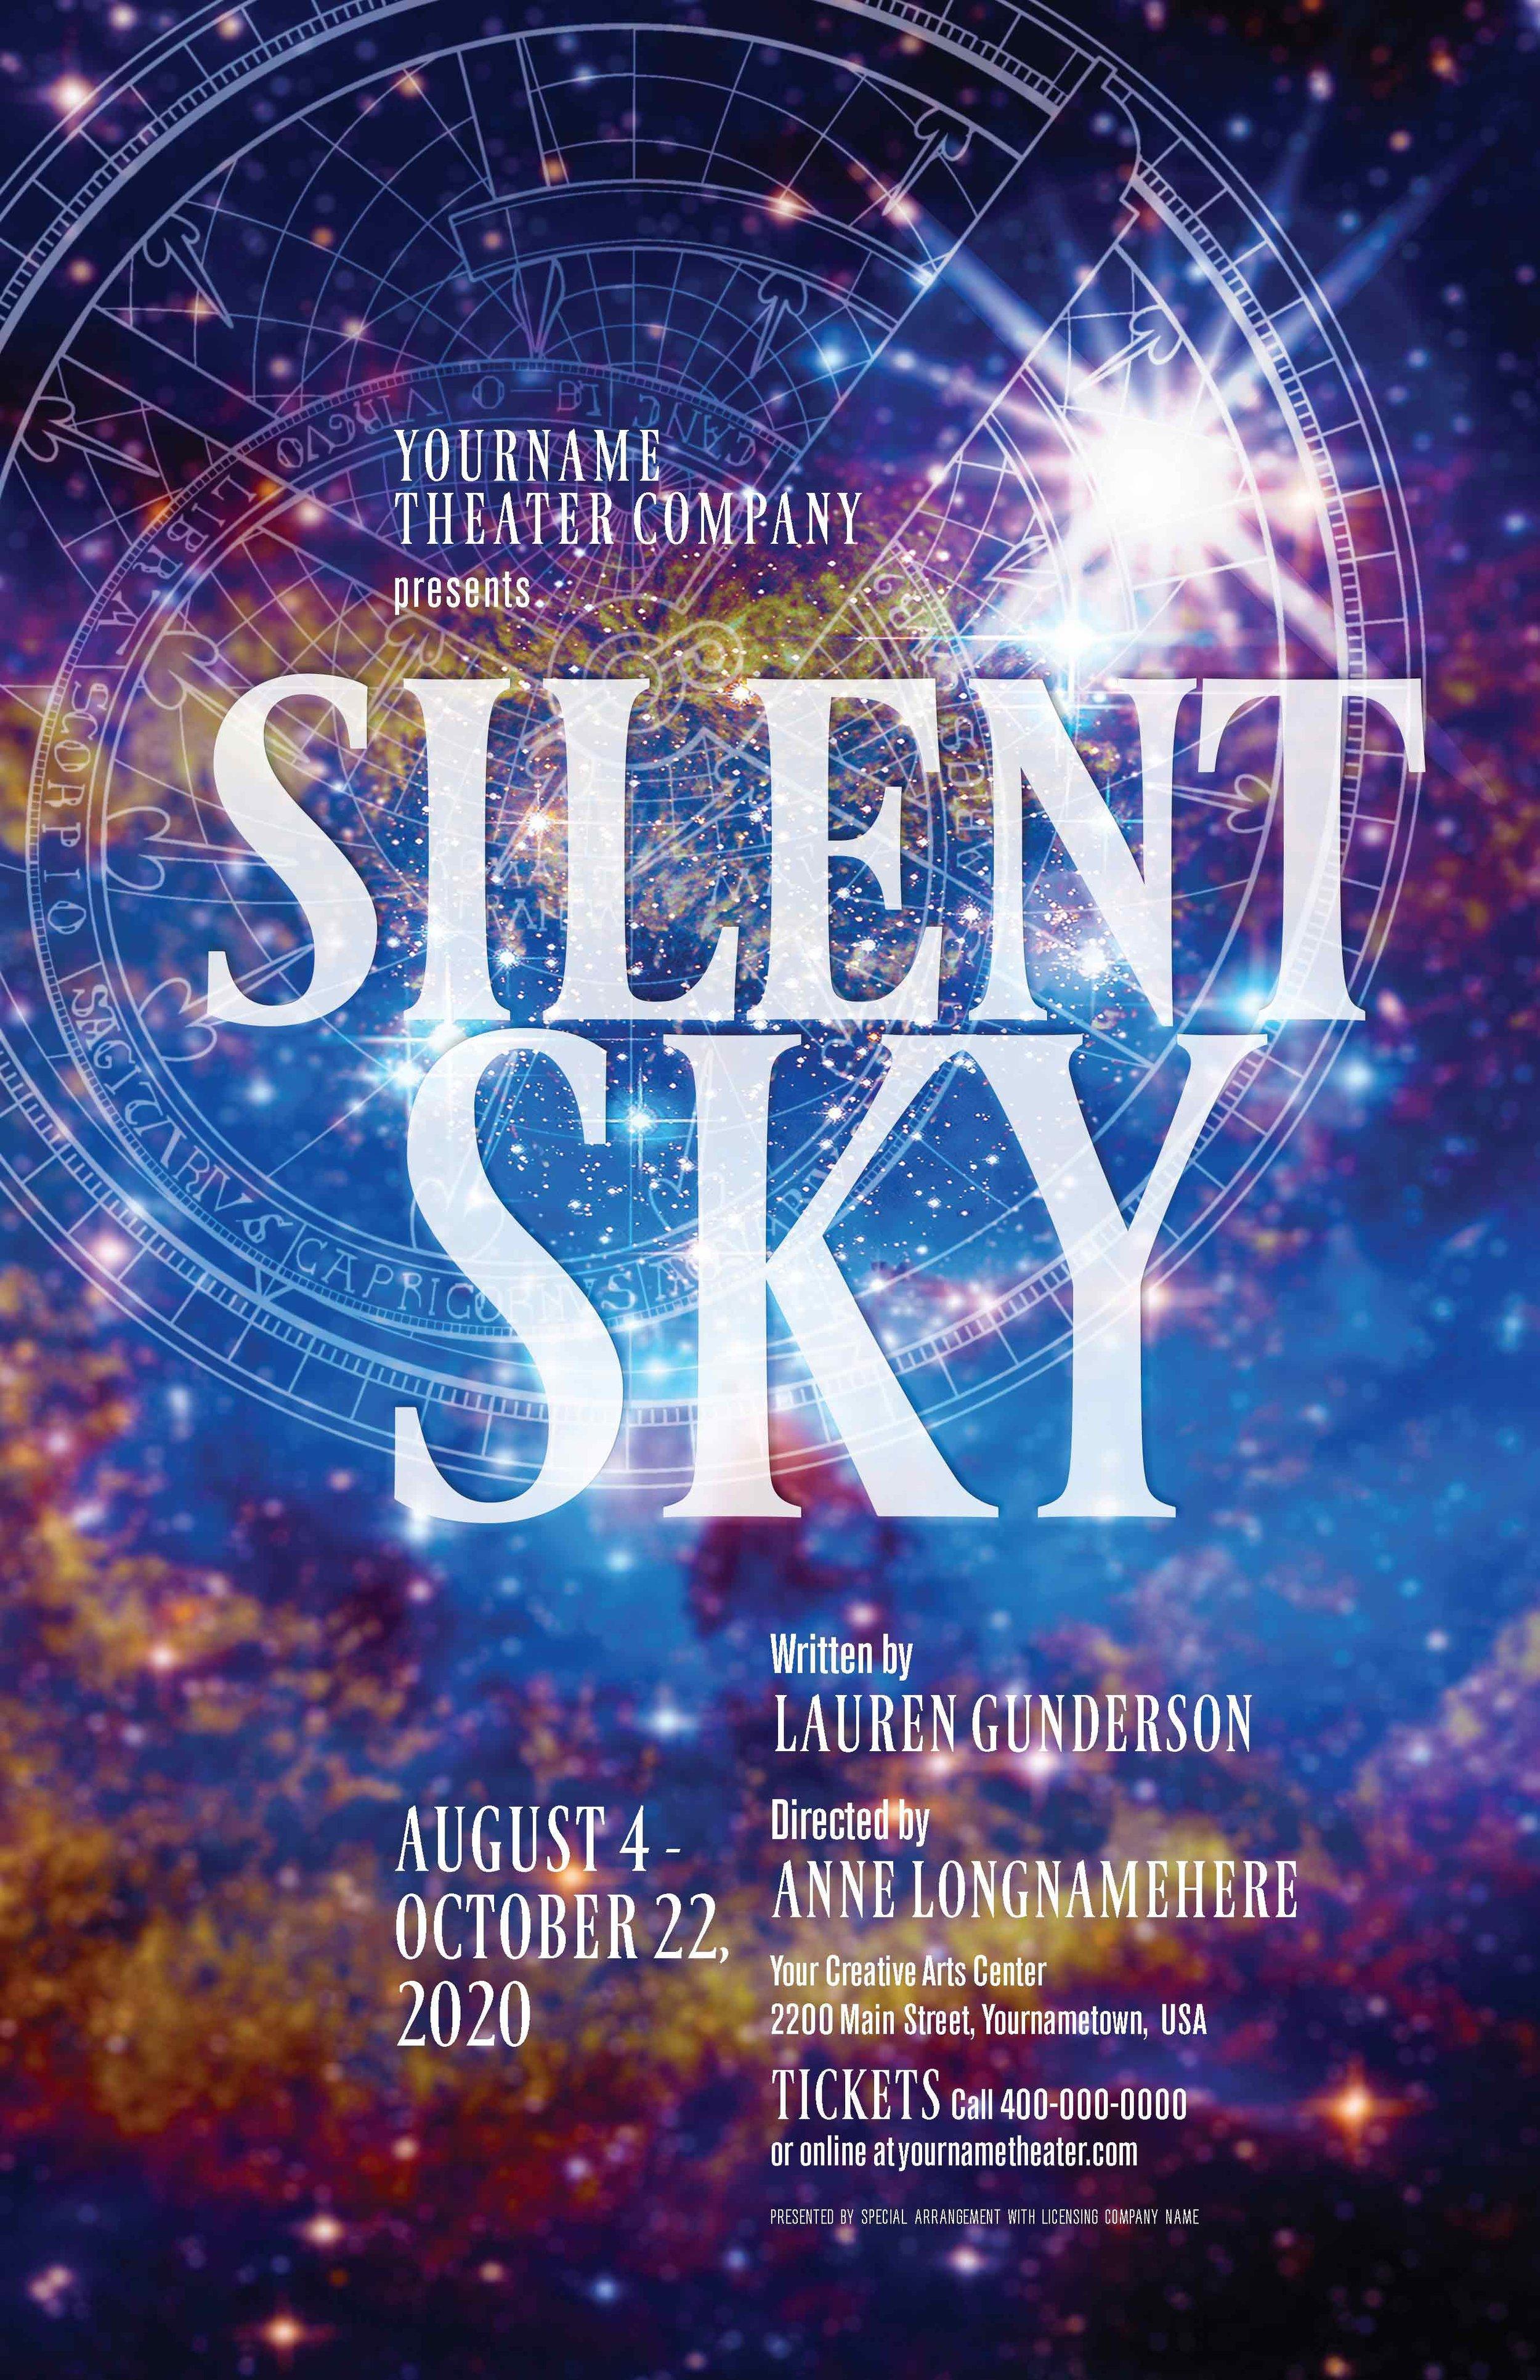 Drama -Queen-Graphics-Theatre-Branding-SIlent-Sky-Lauren-Gundefson.jpg